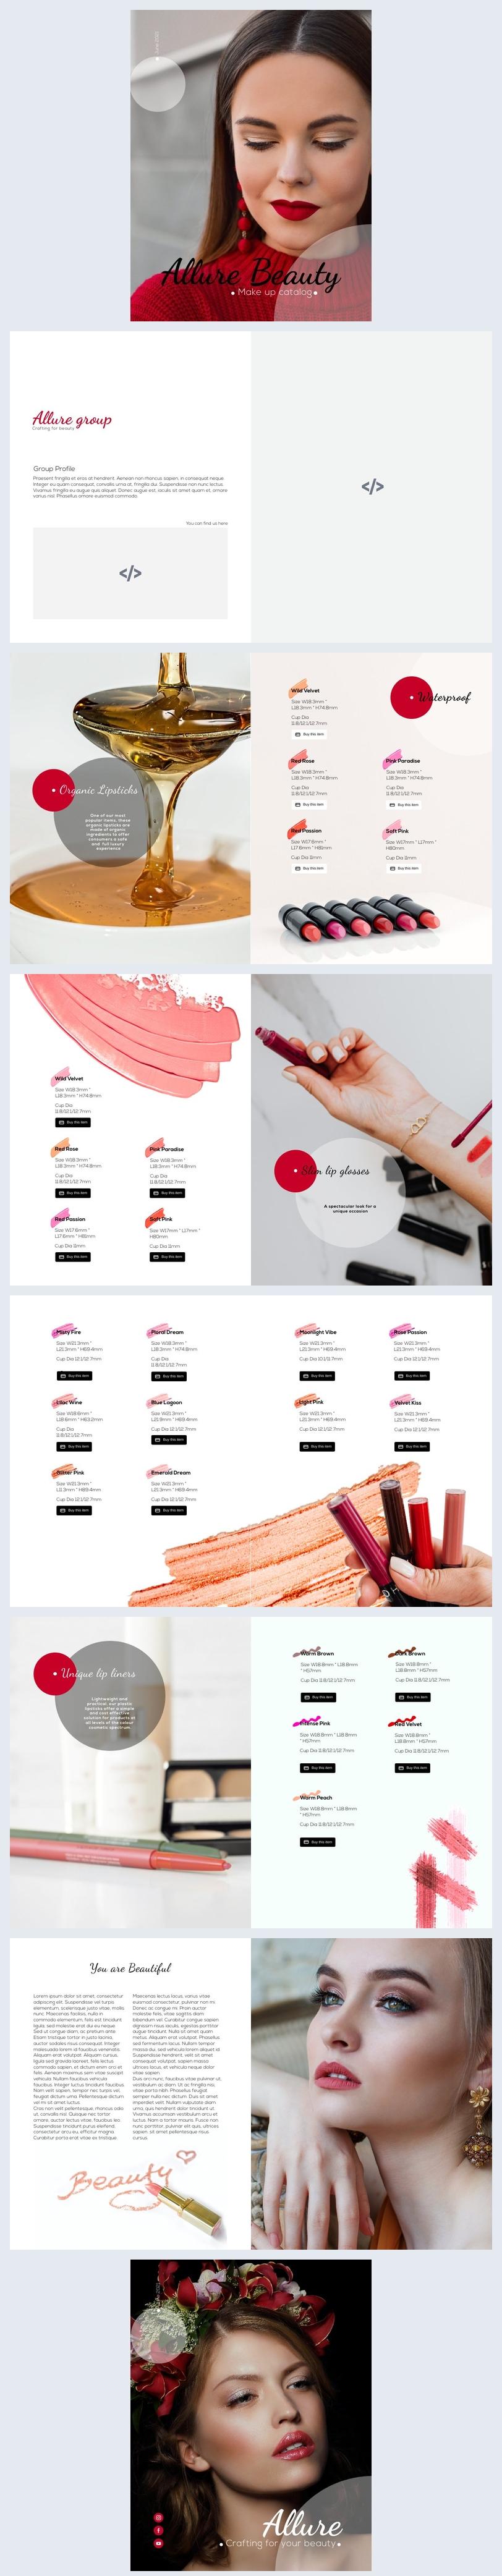 Exemple et design de catalogue de produits cosmétiques interactifs